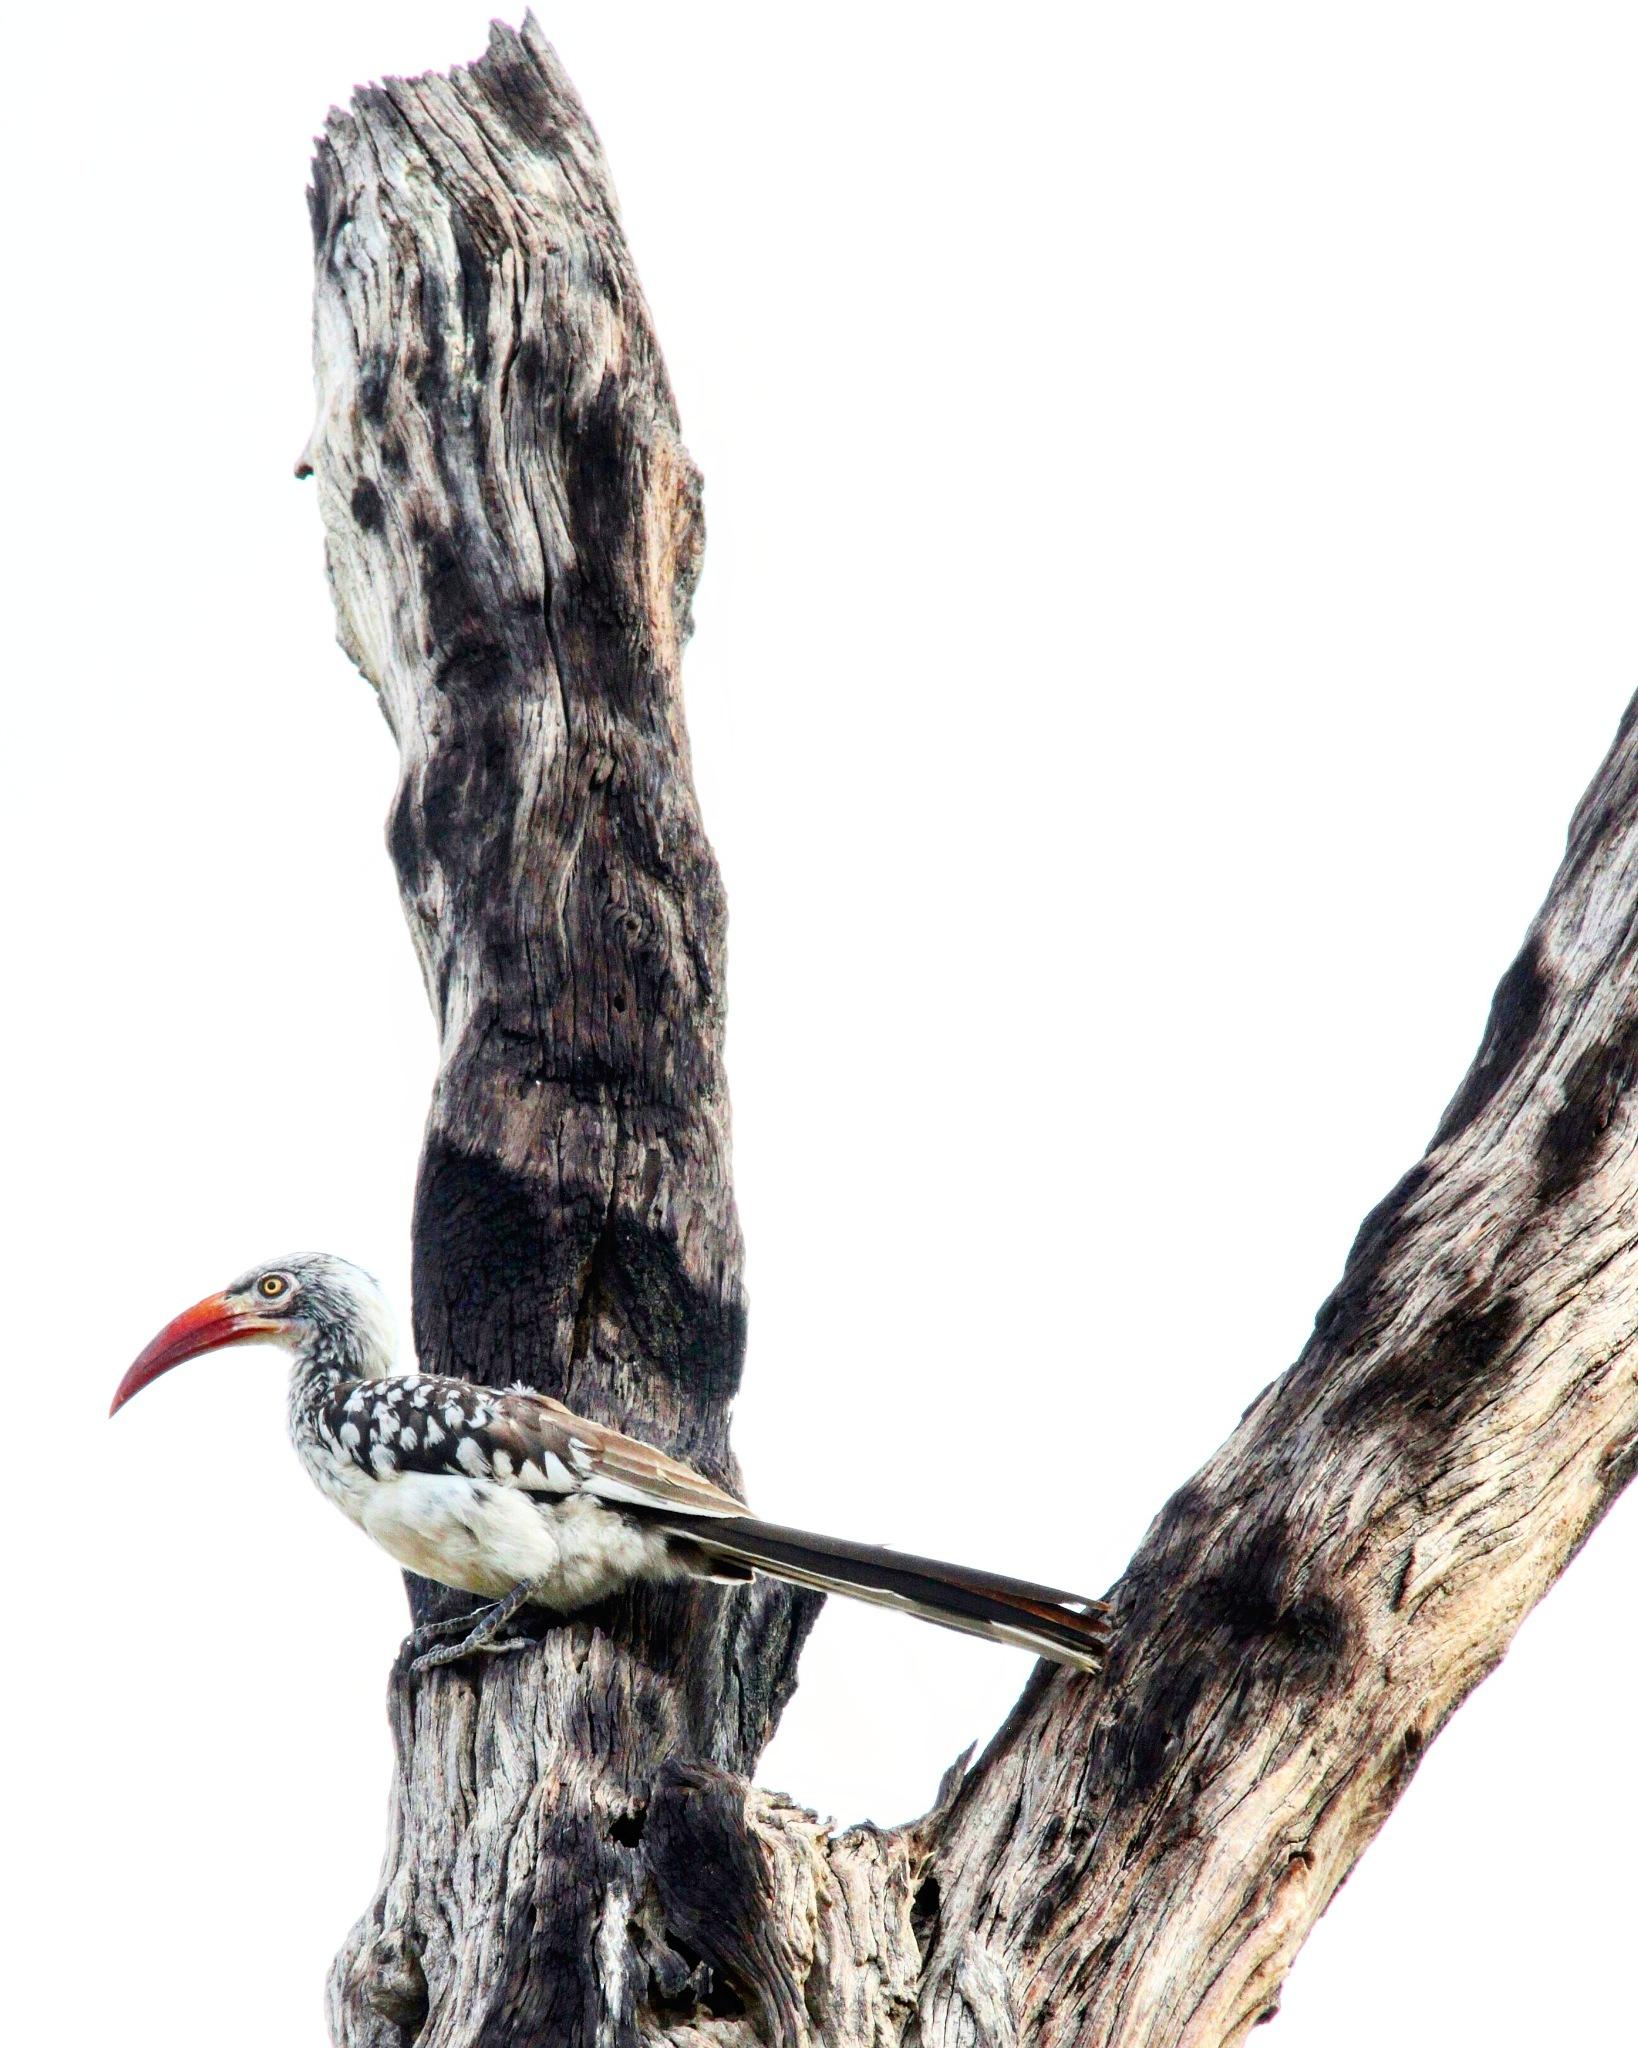 A bird in a tree  by fotoNik